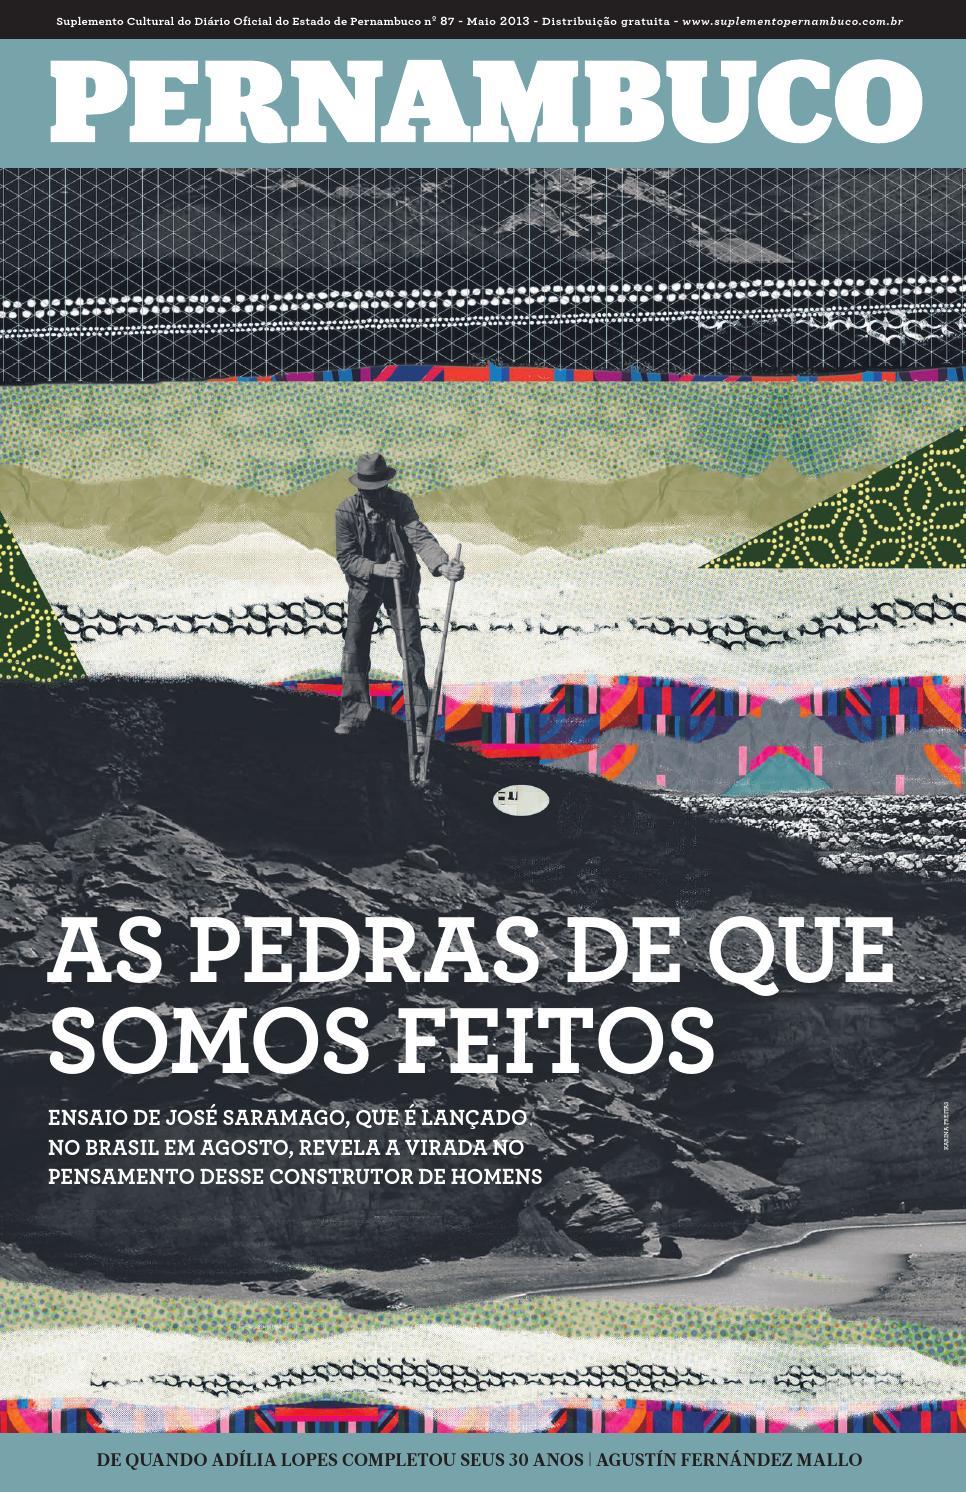 Pernambuco 87 by Suplemento Pernambuco - issuu 20009c6eec4